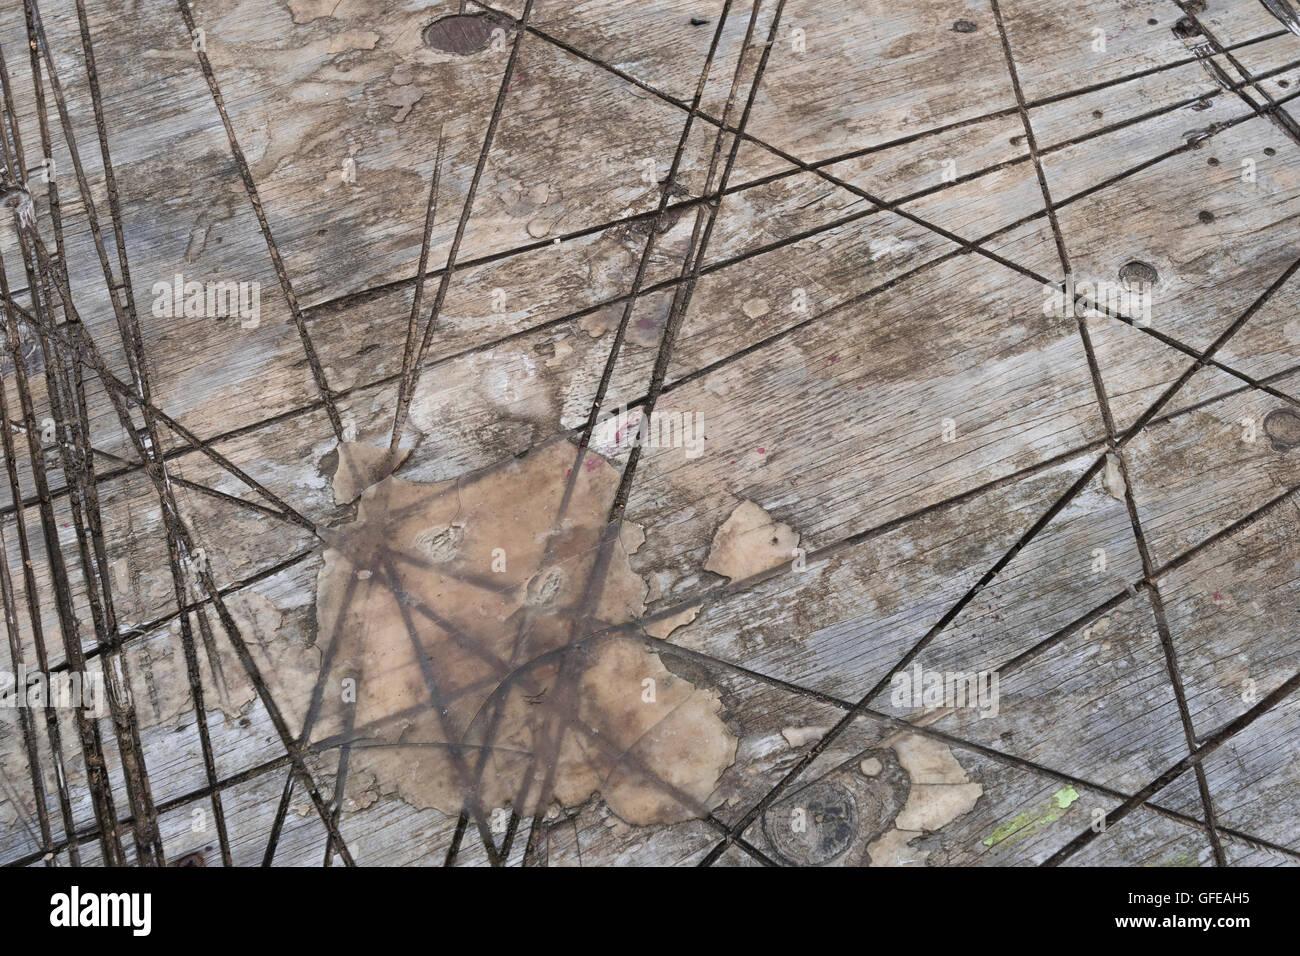 Tiefe Schnitte im Arbeitstisch. Metapher Grafschaft Linien, Arbeitsplatzabbau, Lohnkürzungen, Konzept Steuer, Zinssätze, Stockfoto